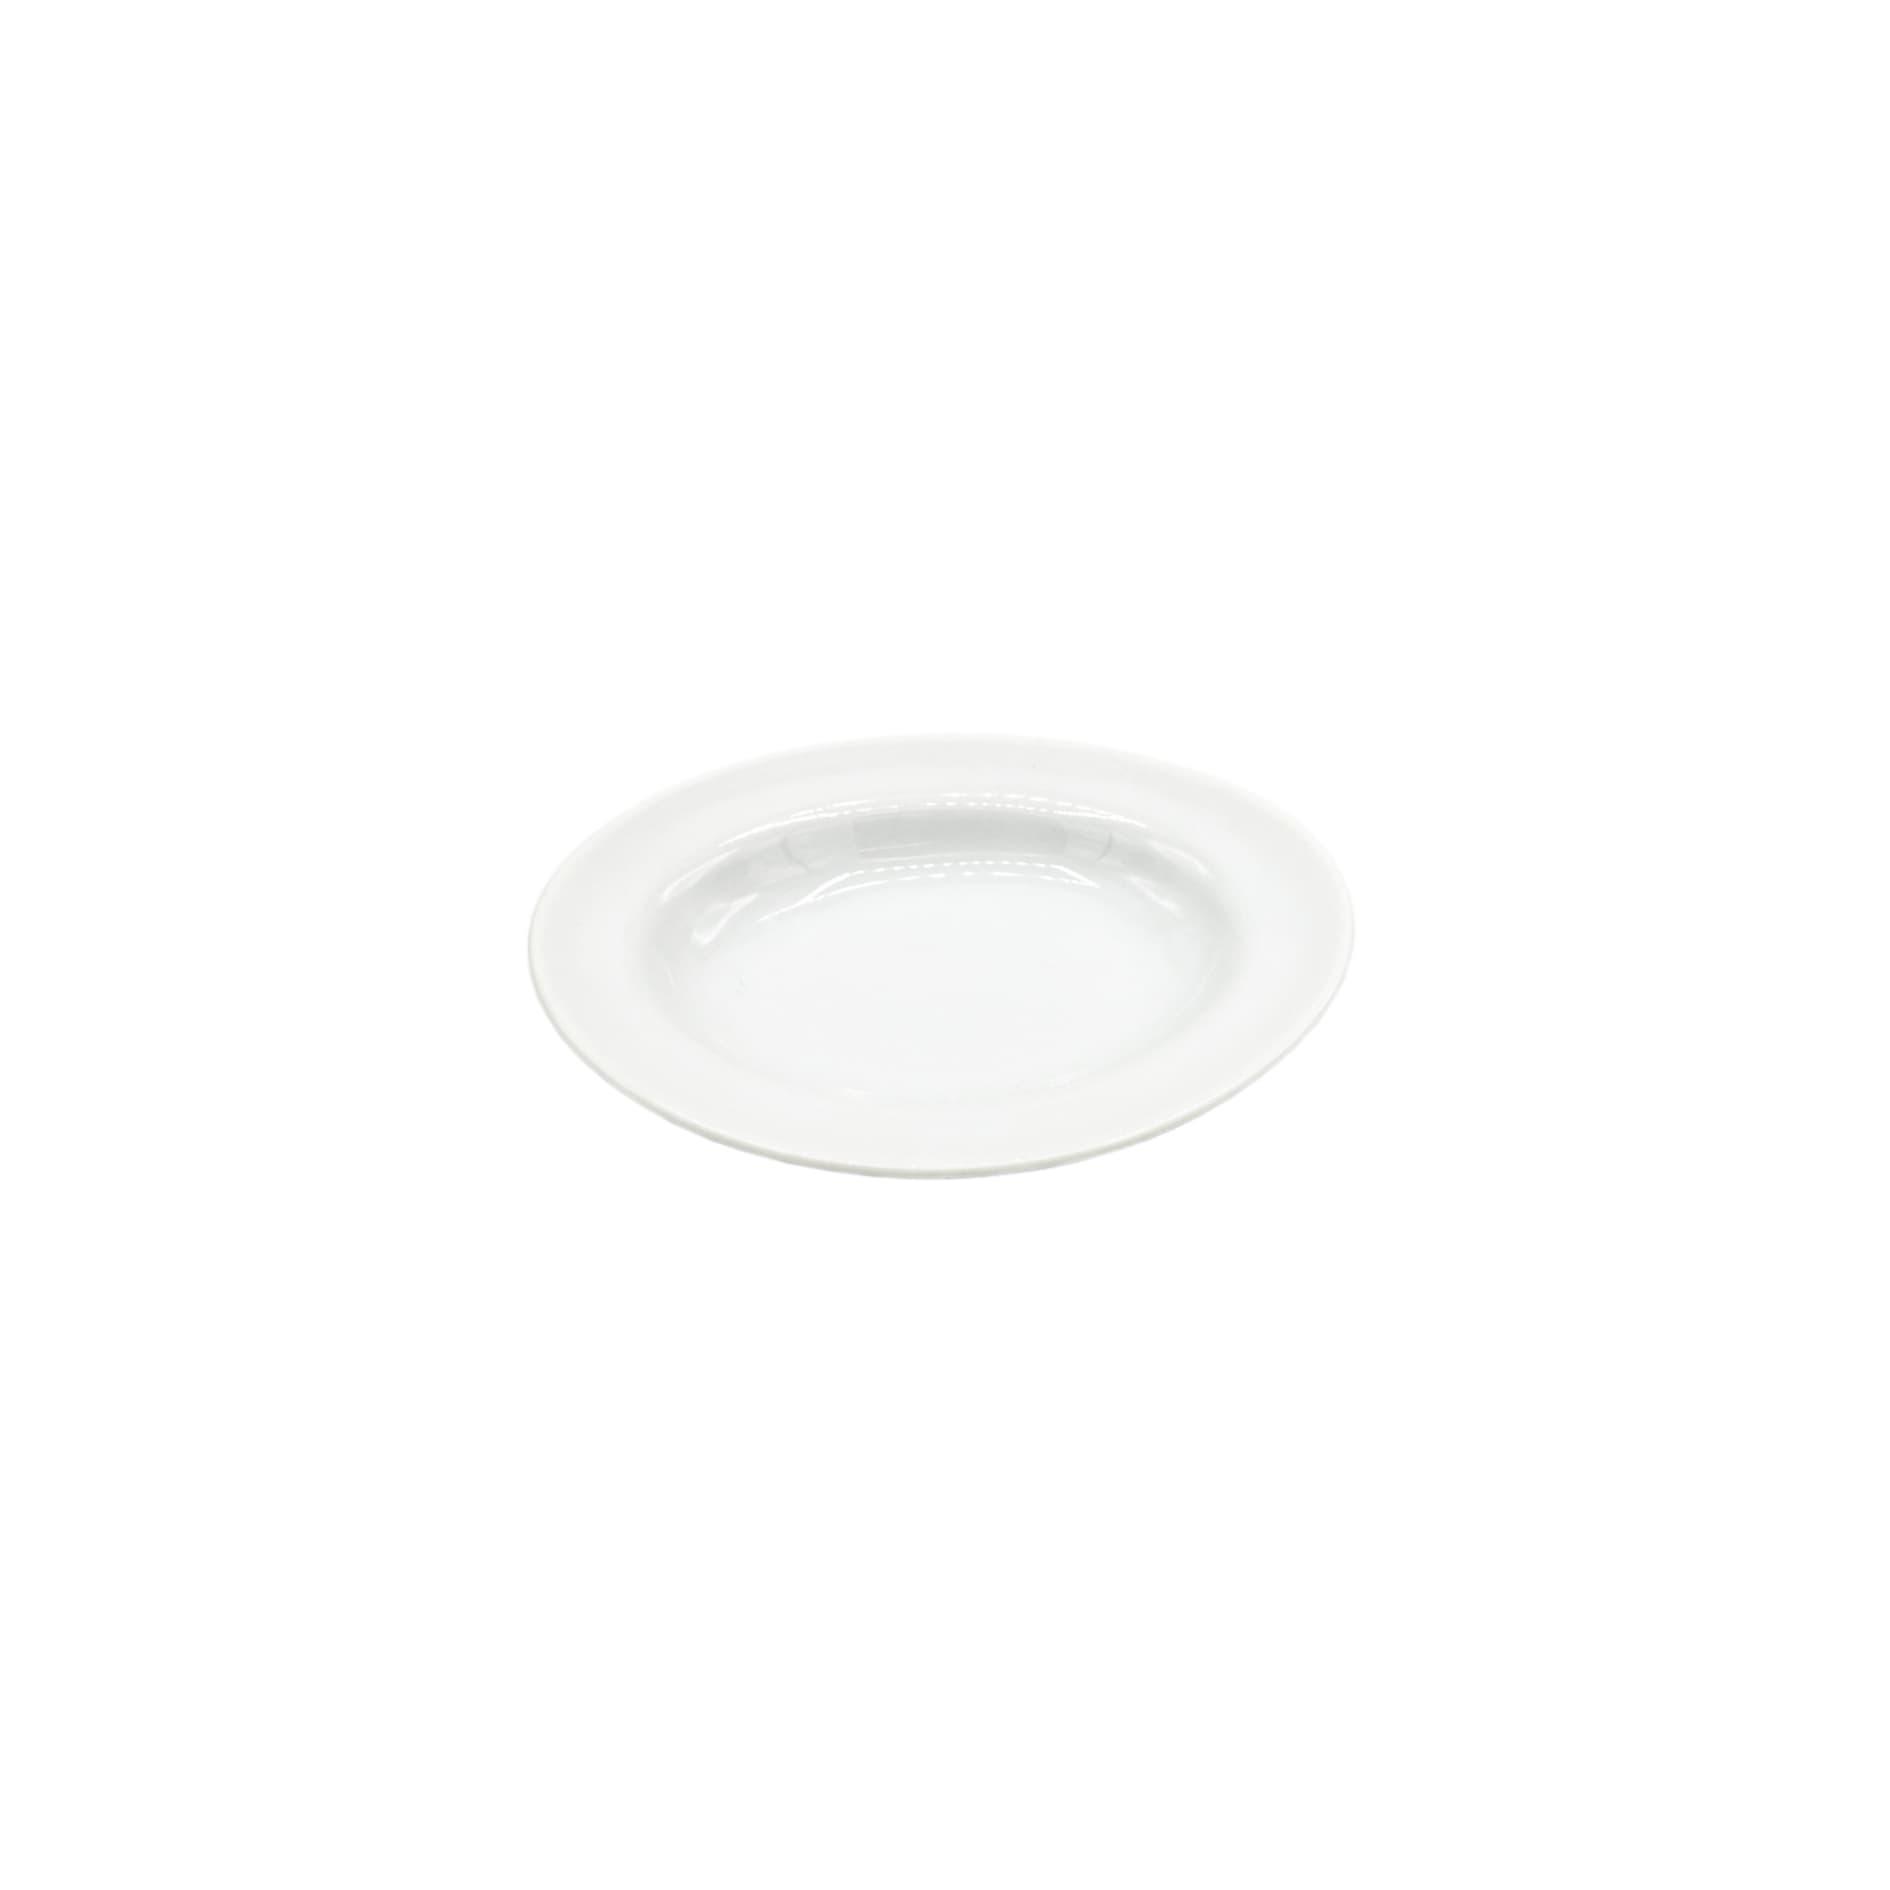 Ovalteller Mini